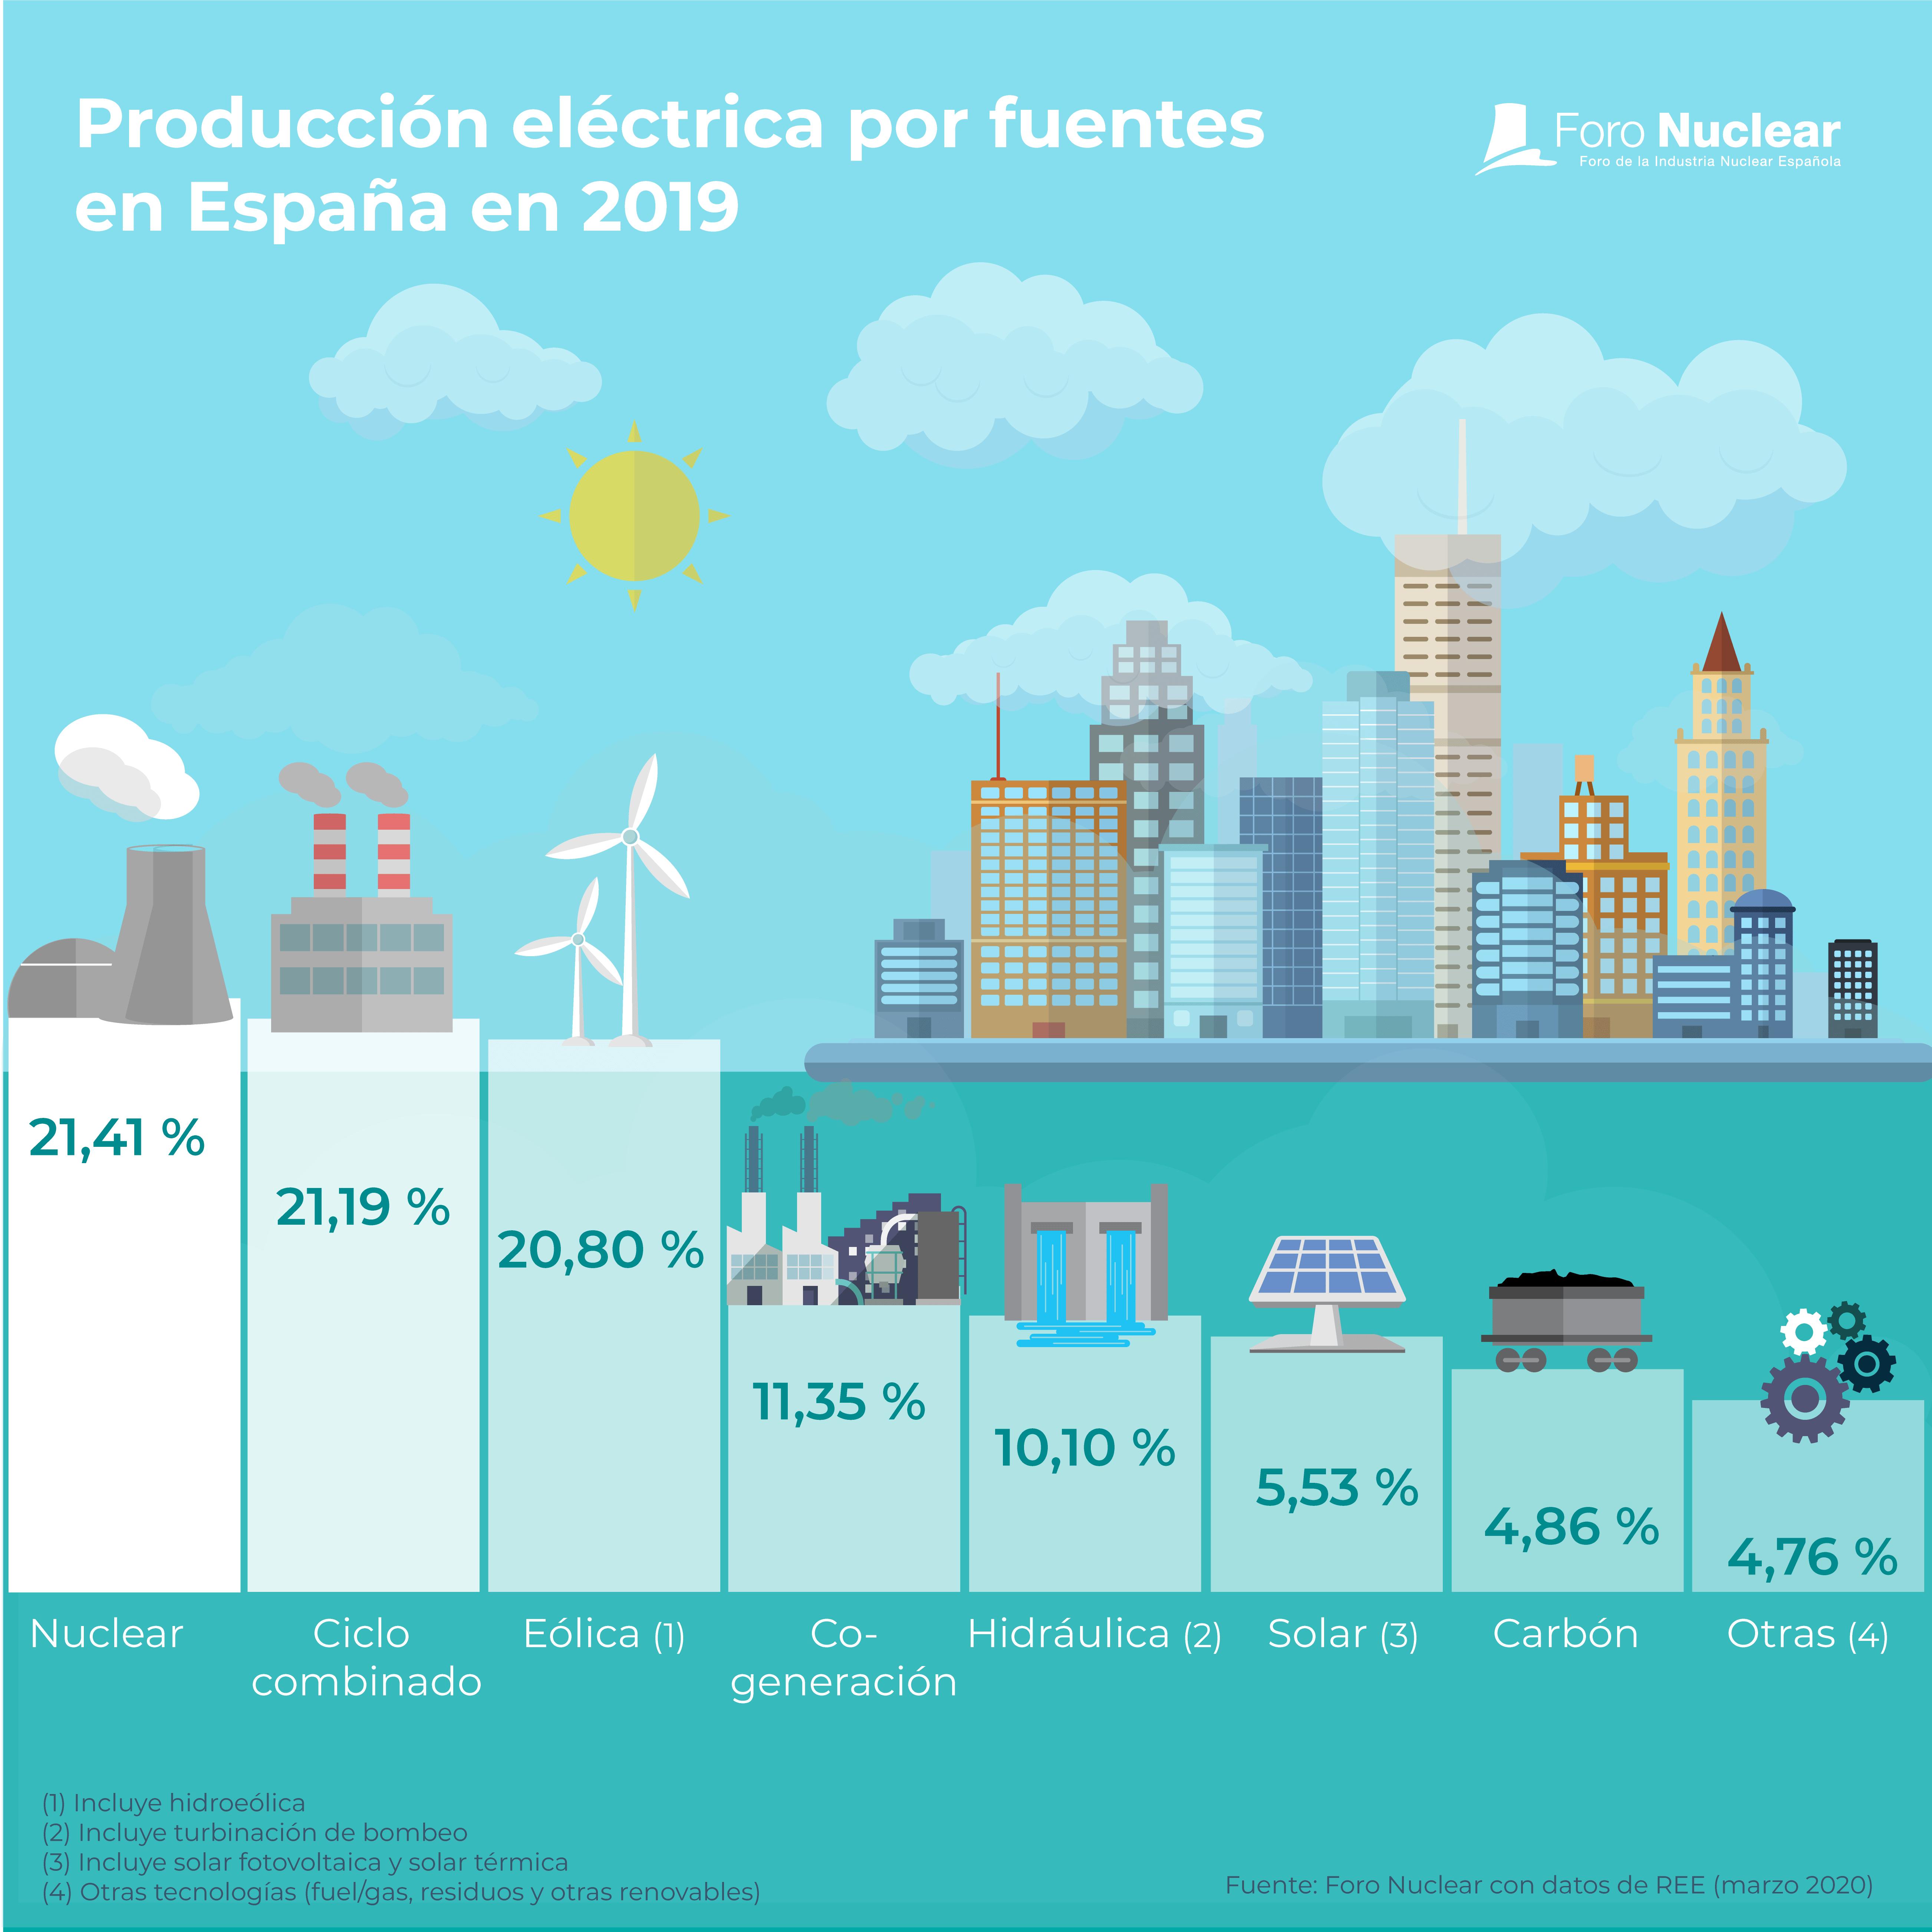 Producción eléctrica por fuentes en España en 2019